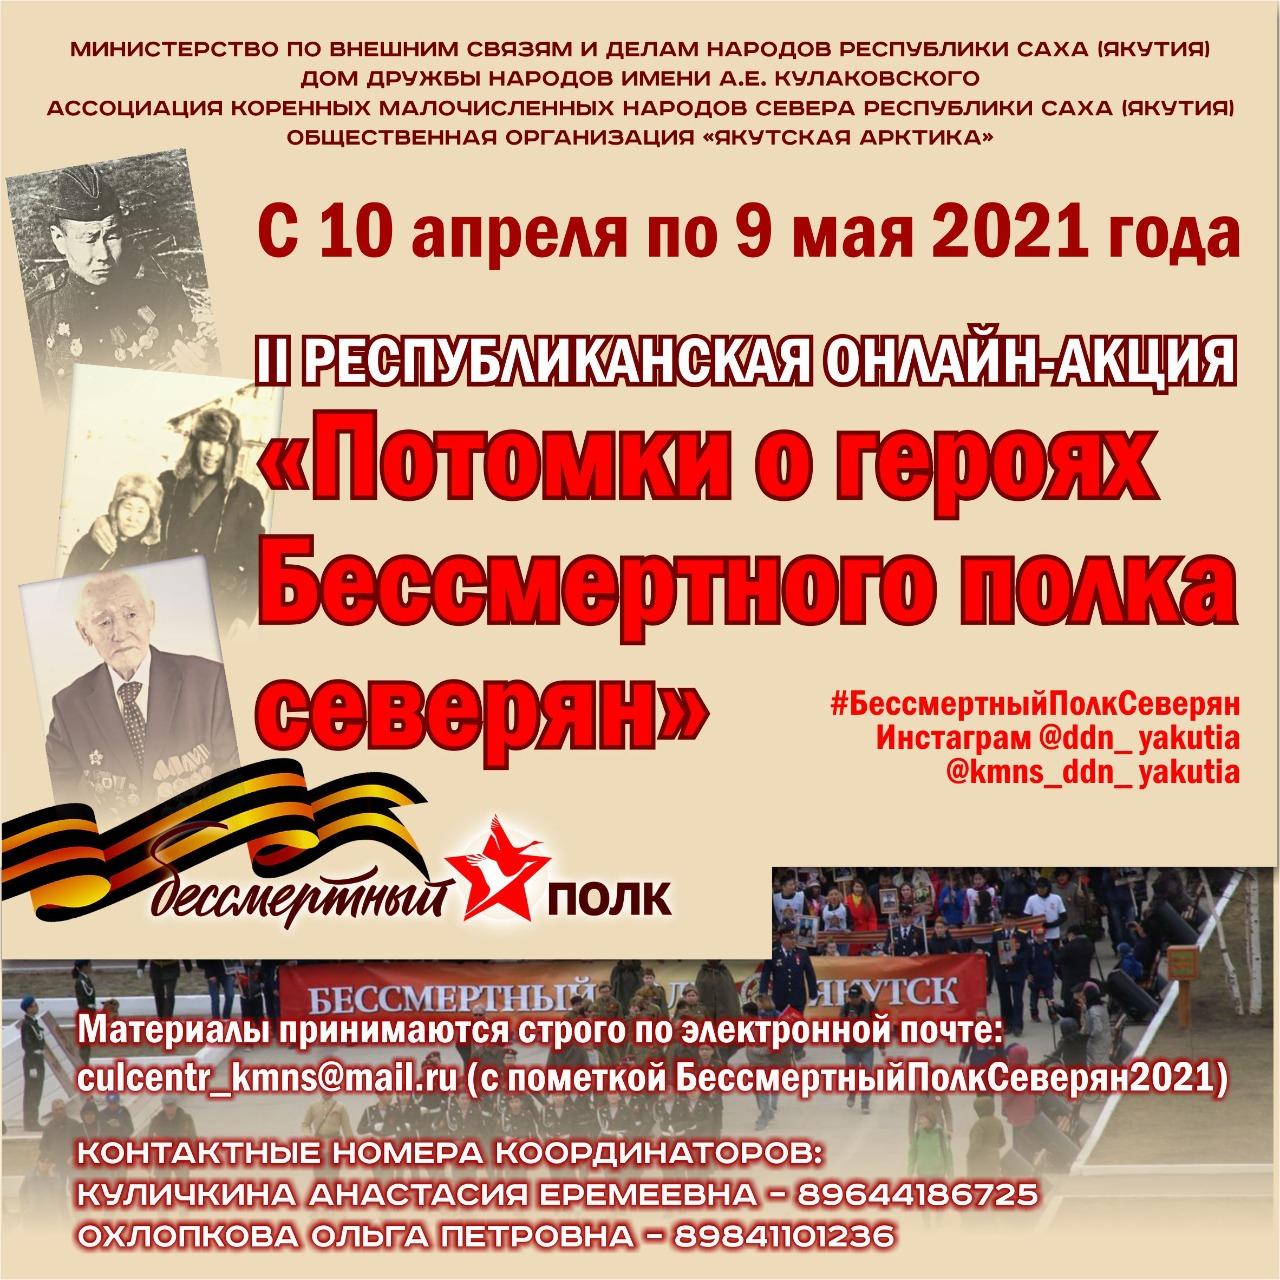 Онлайн-акция «Потомки о героях Бессмертного полка северян»